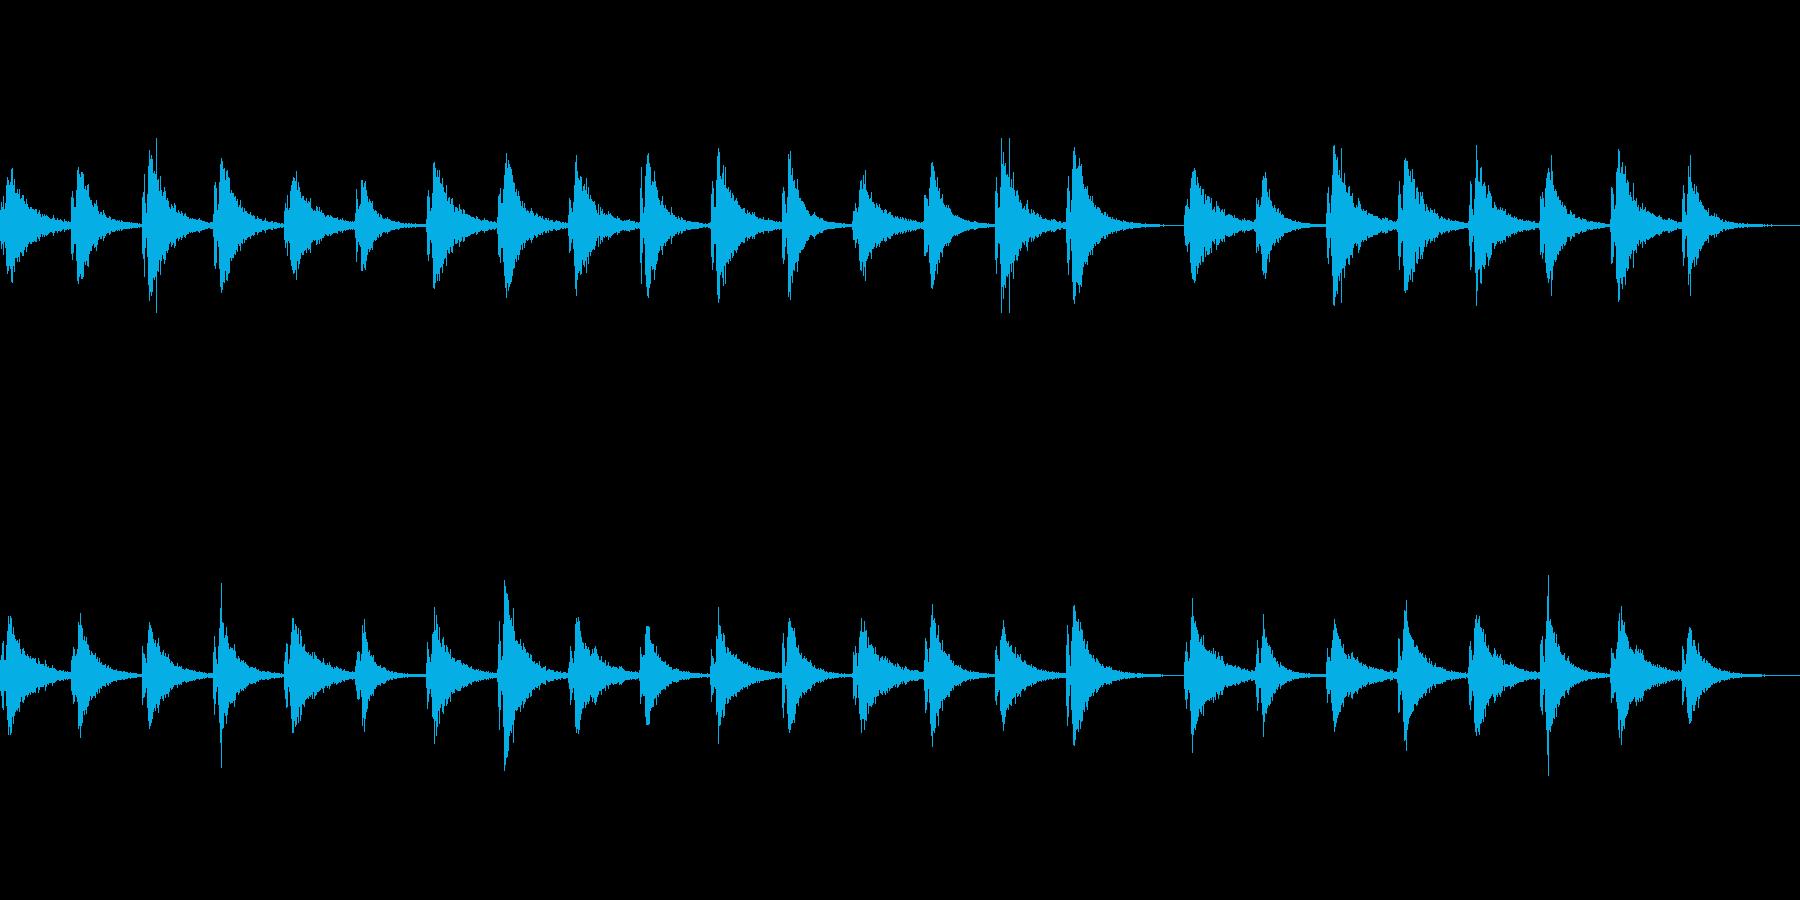 不気味な残響音の再生済みの波形